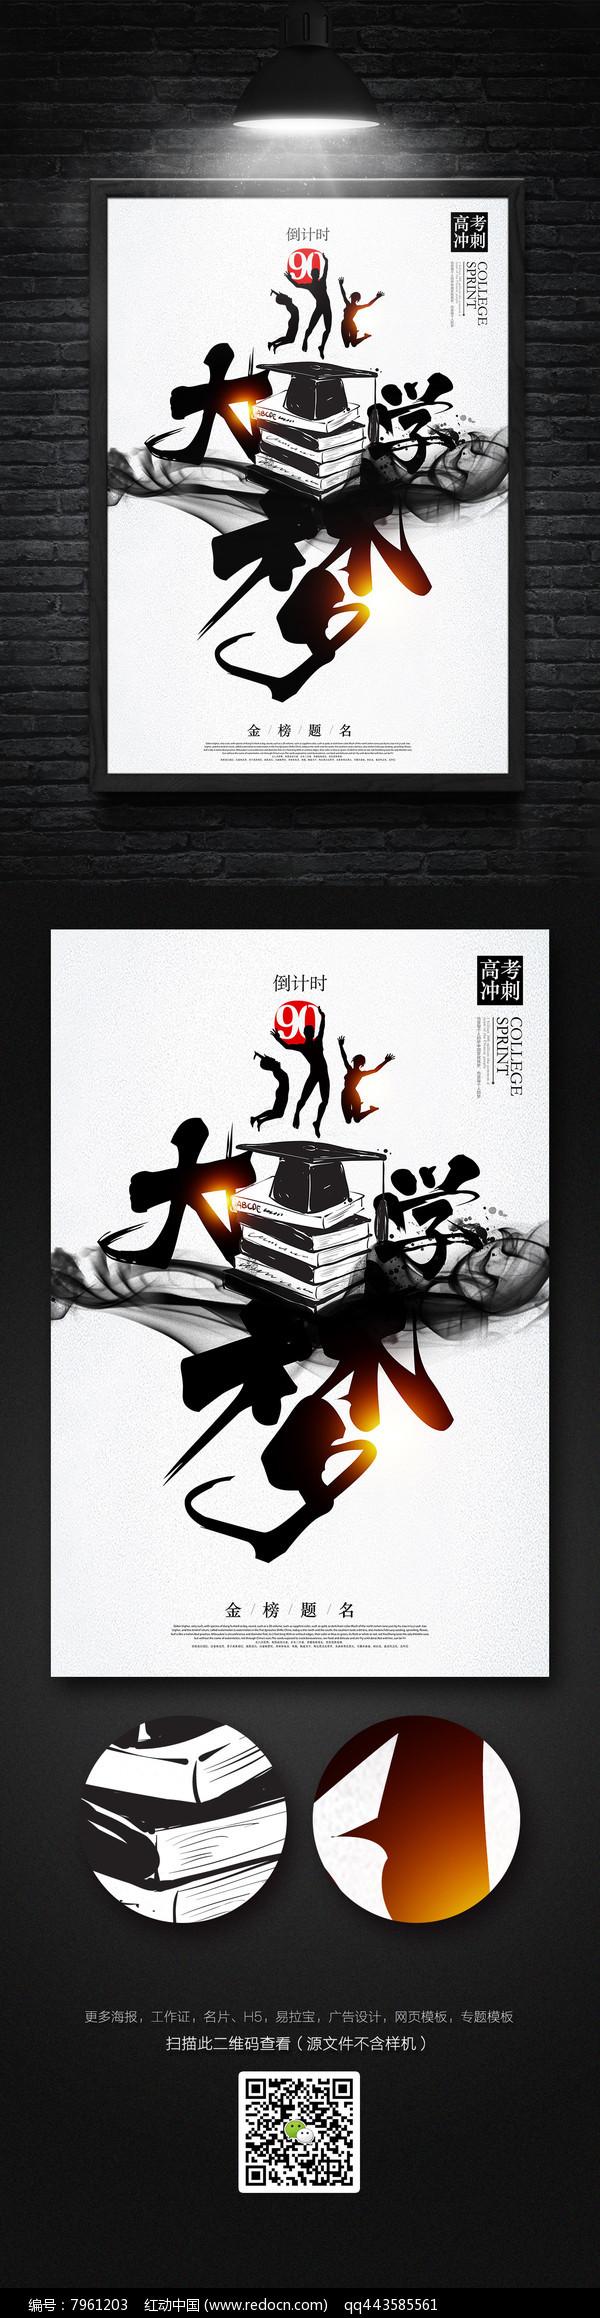 创意水墨中国风高考倒计时海报设计图片